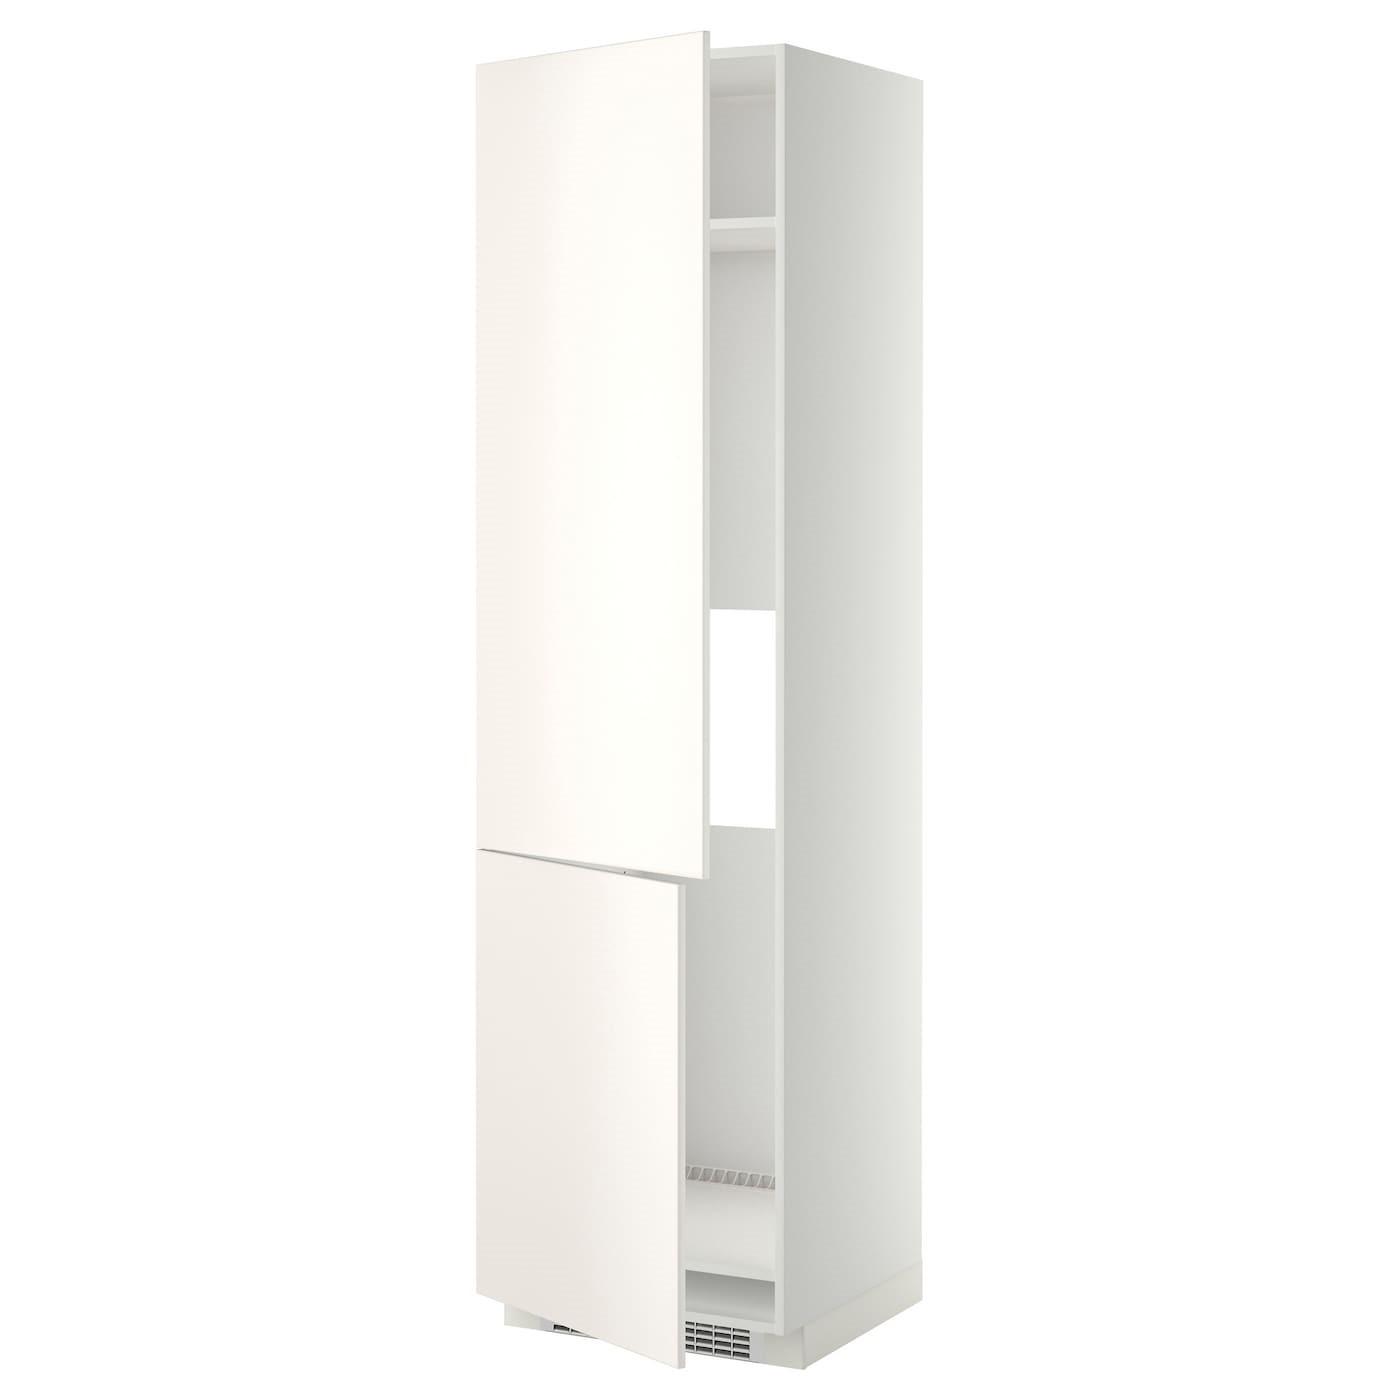 IKEA МЕТОД Высокий шкаф д/холод/мороз/2дверцы, белый, Веддинге белый, 60x60x220 см 499.207.14